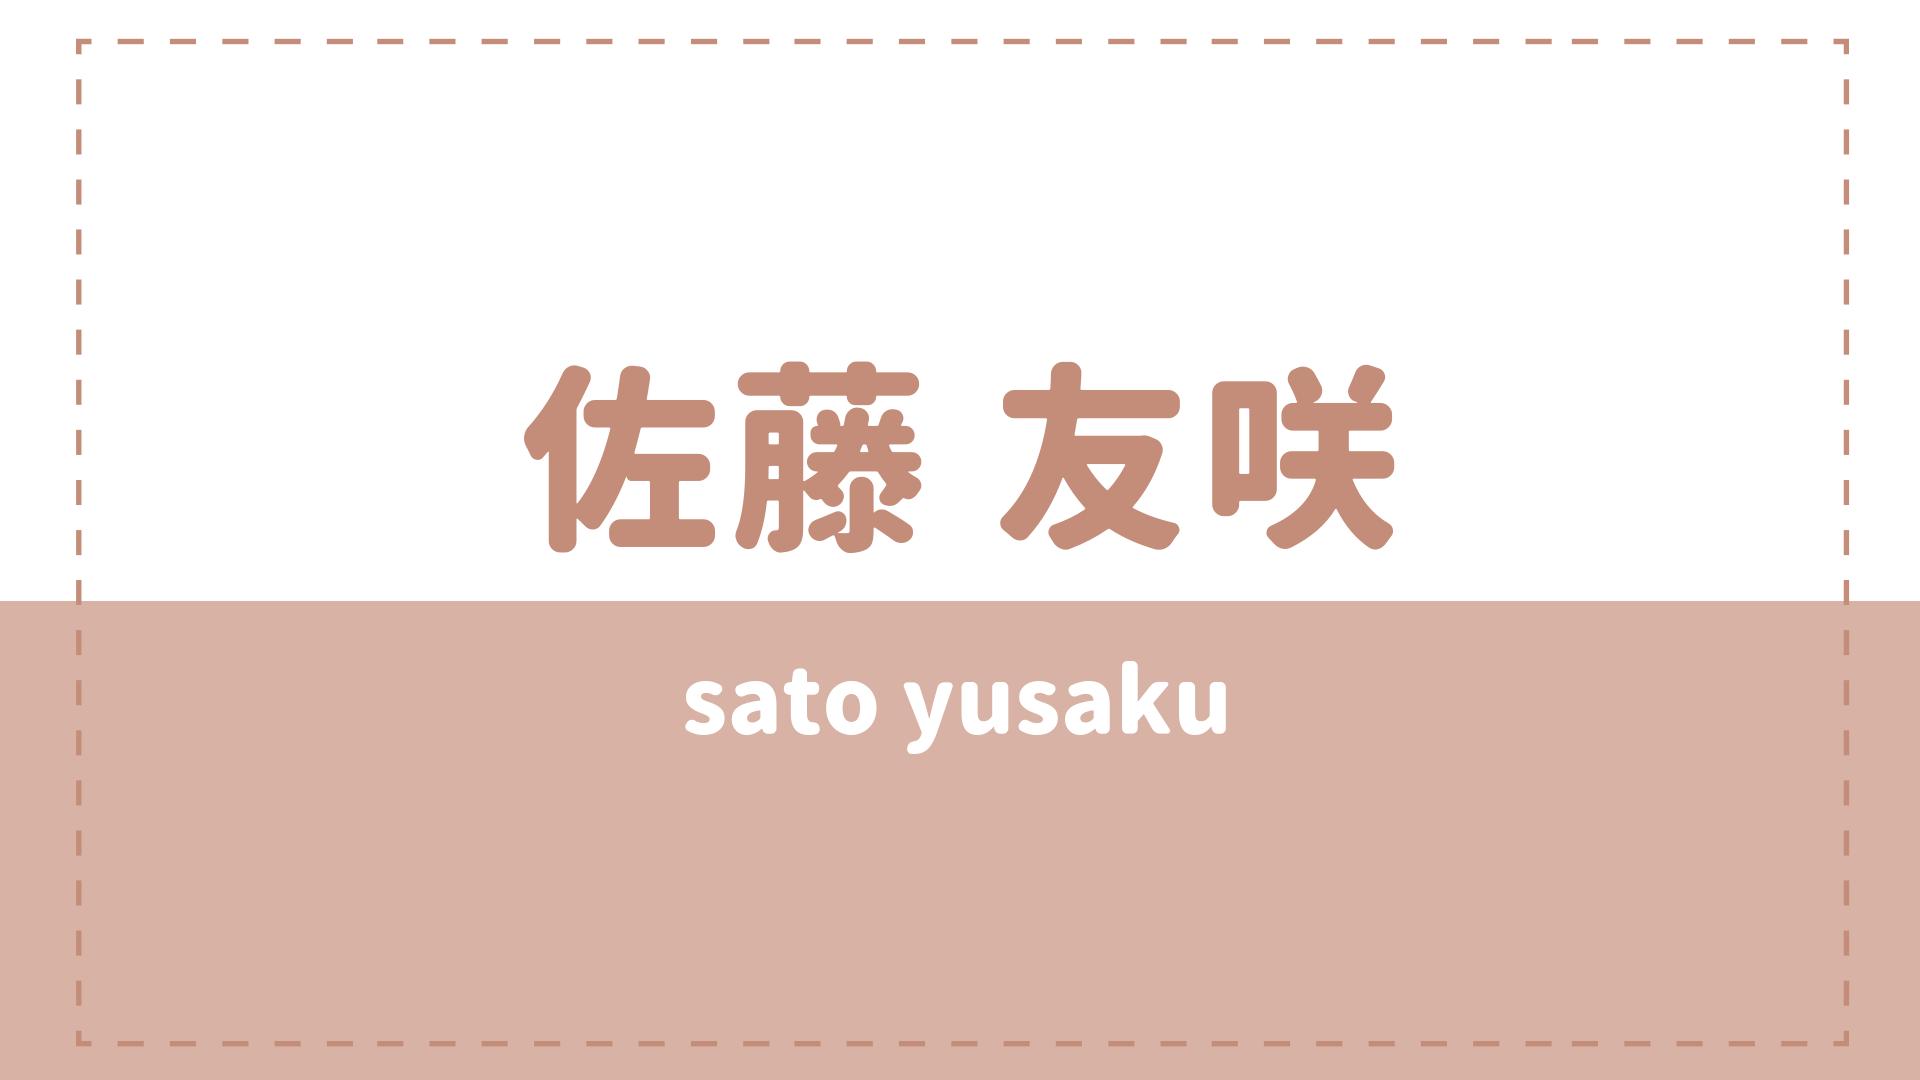 佐藤友咲のwiki年齢や炎上理由は彼女?でき婚や整形の噂の真相は